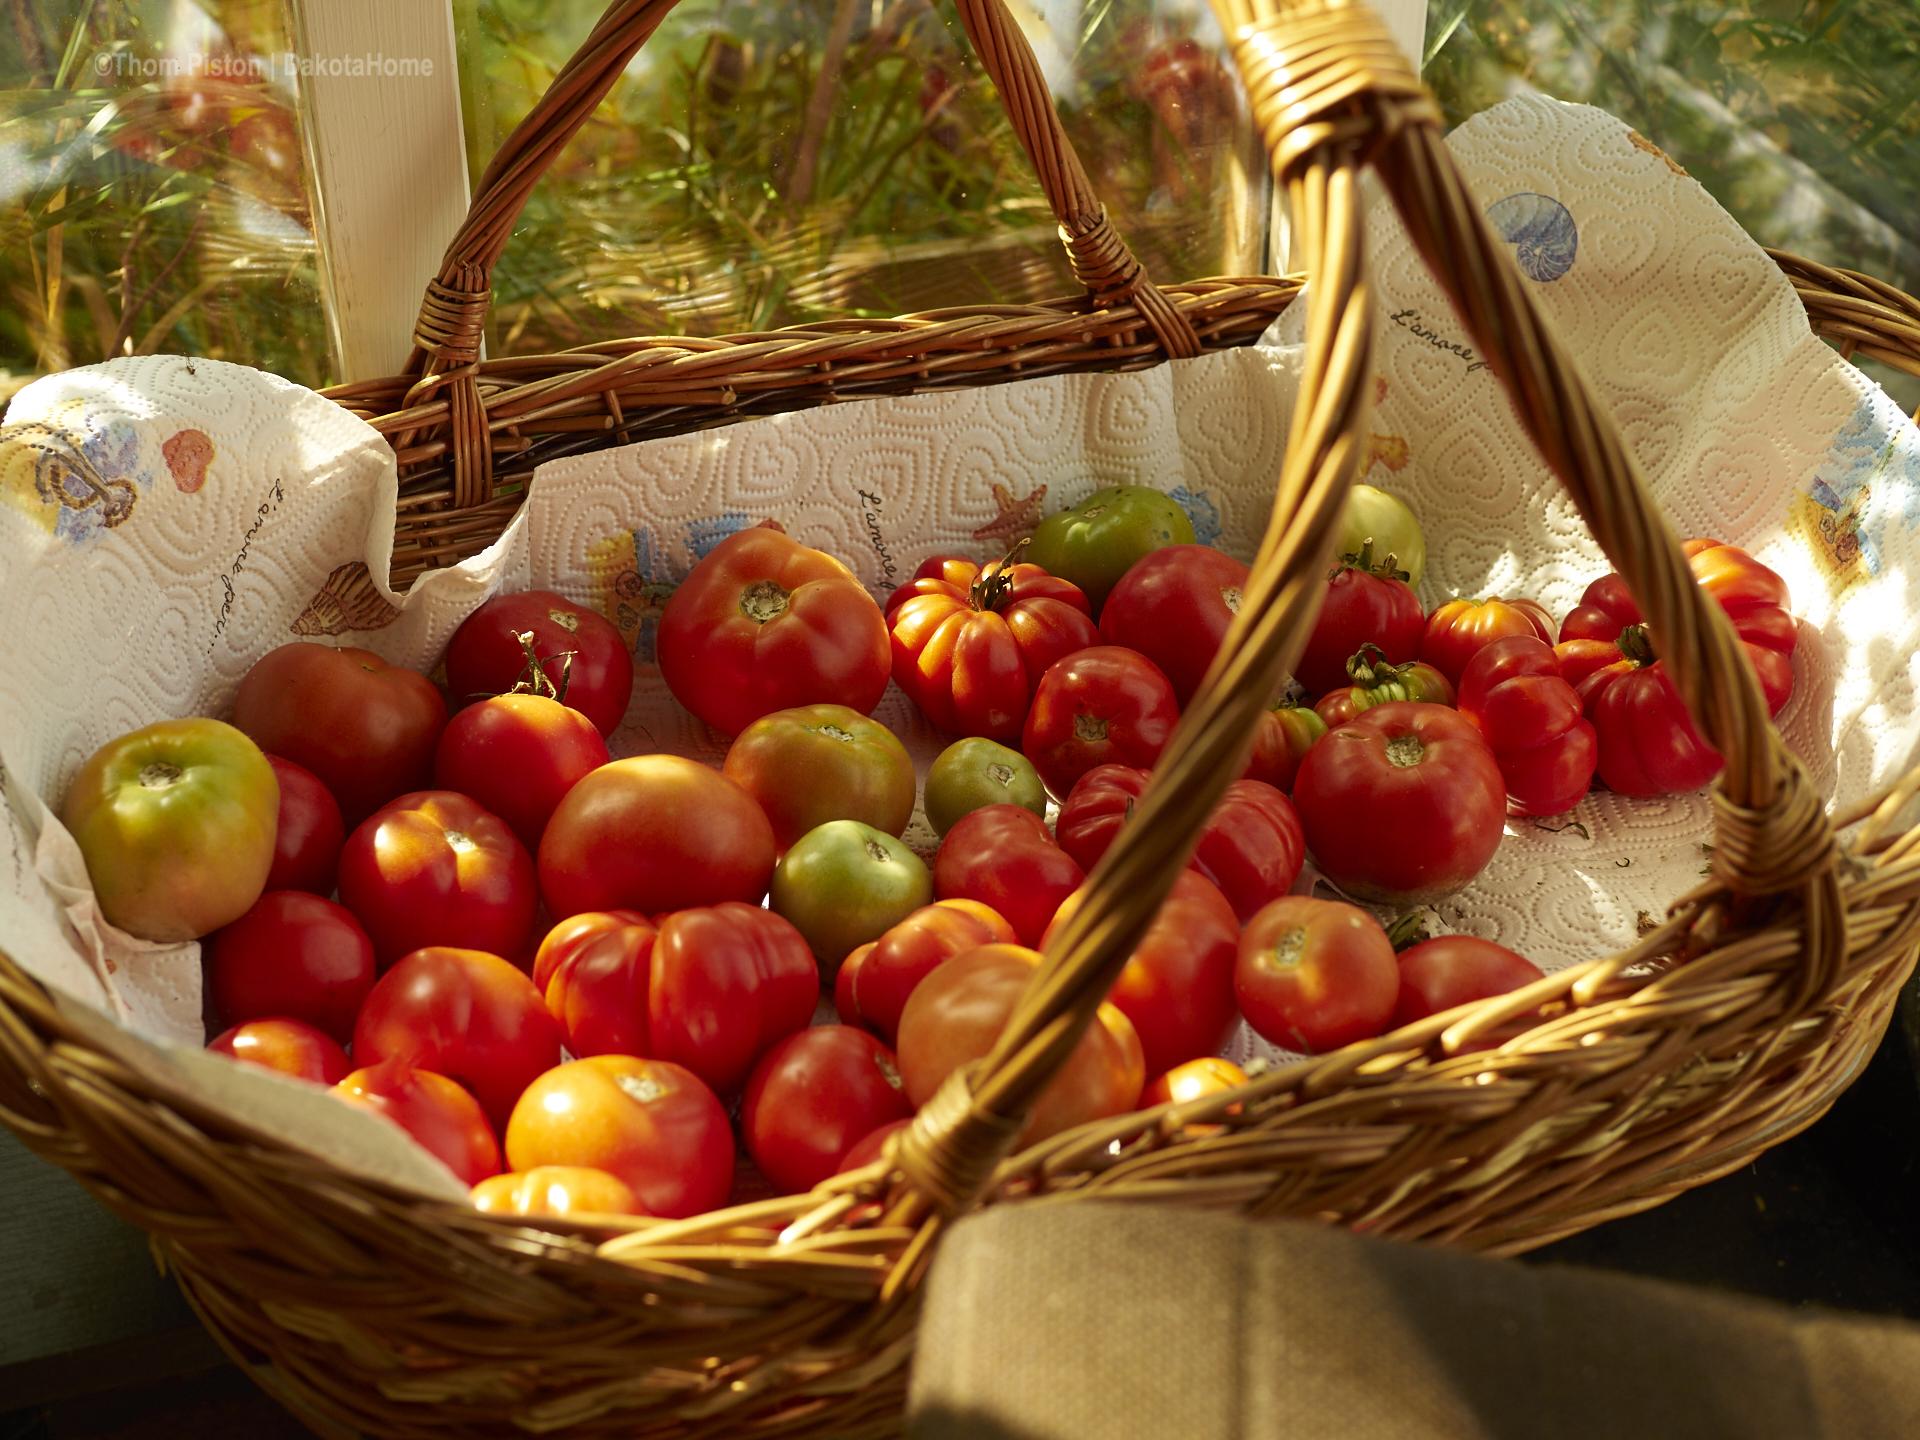 nachgereifte Tomaten aus dem Gewächshaus des Dakota Home